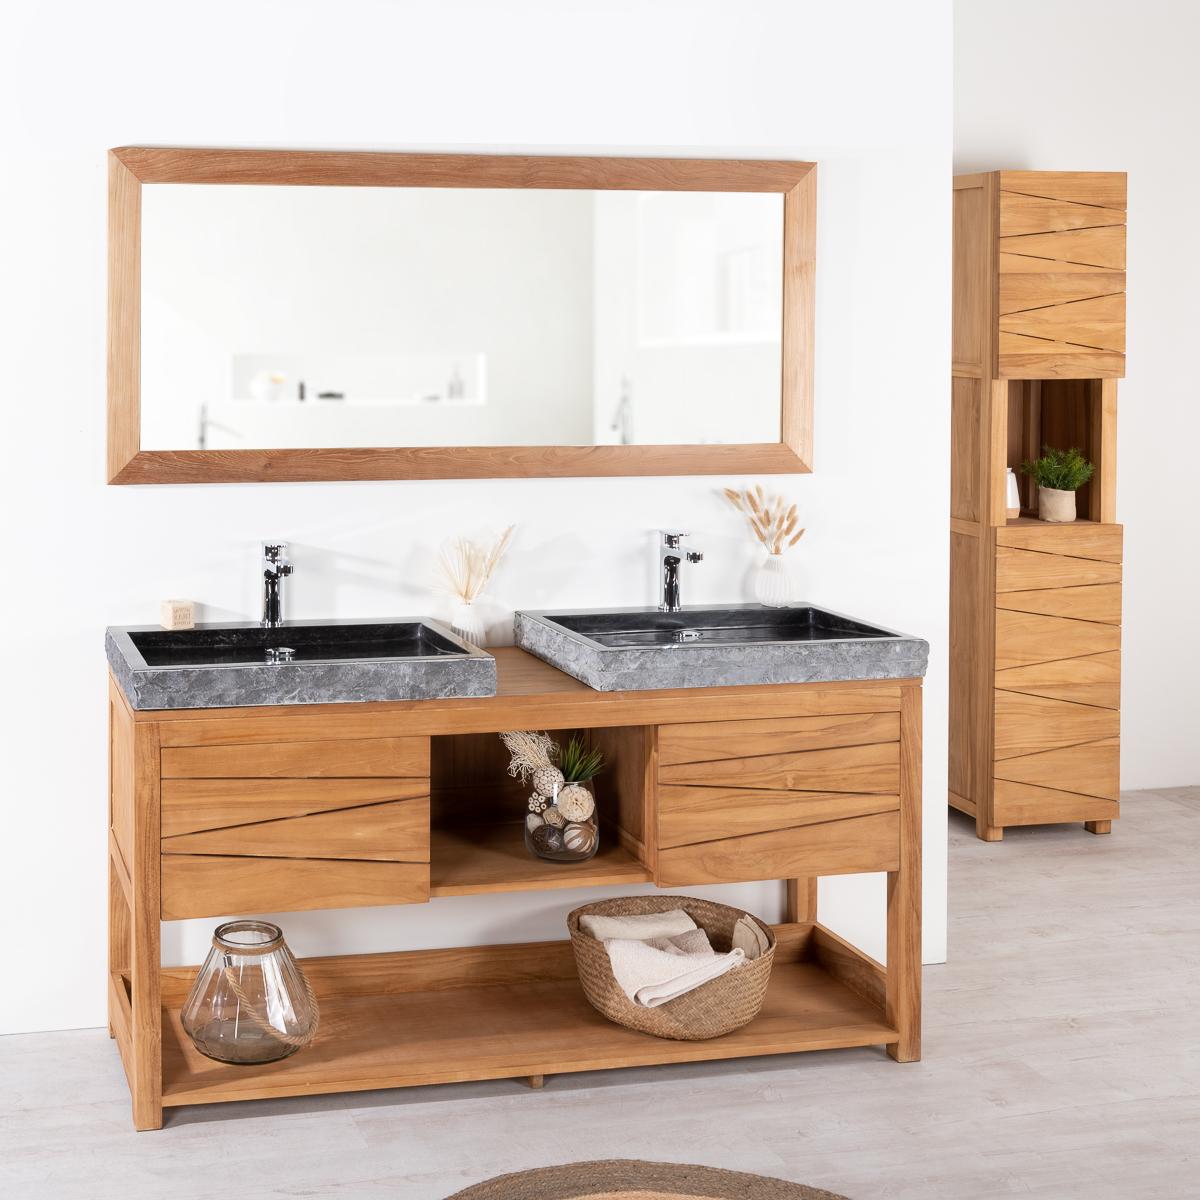 Meuble sous vasque double vasque en bois teck massif 2 vasques en marbr - Mobilier de salle de bain en bois ...